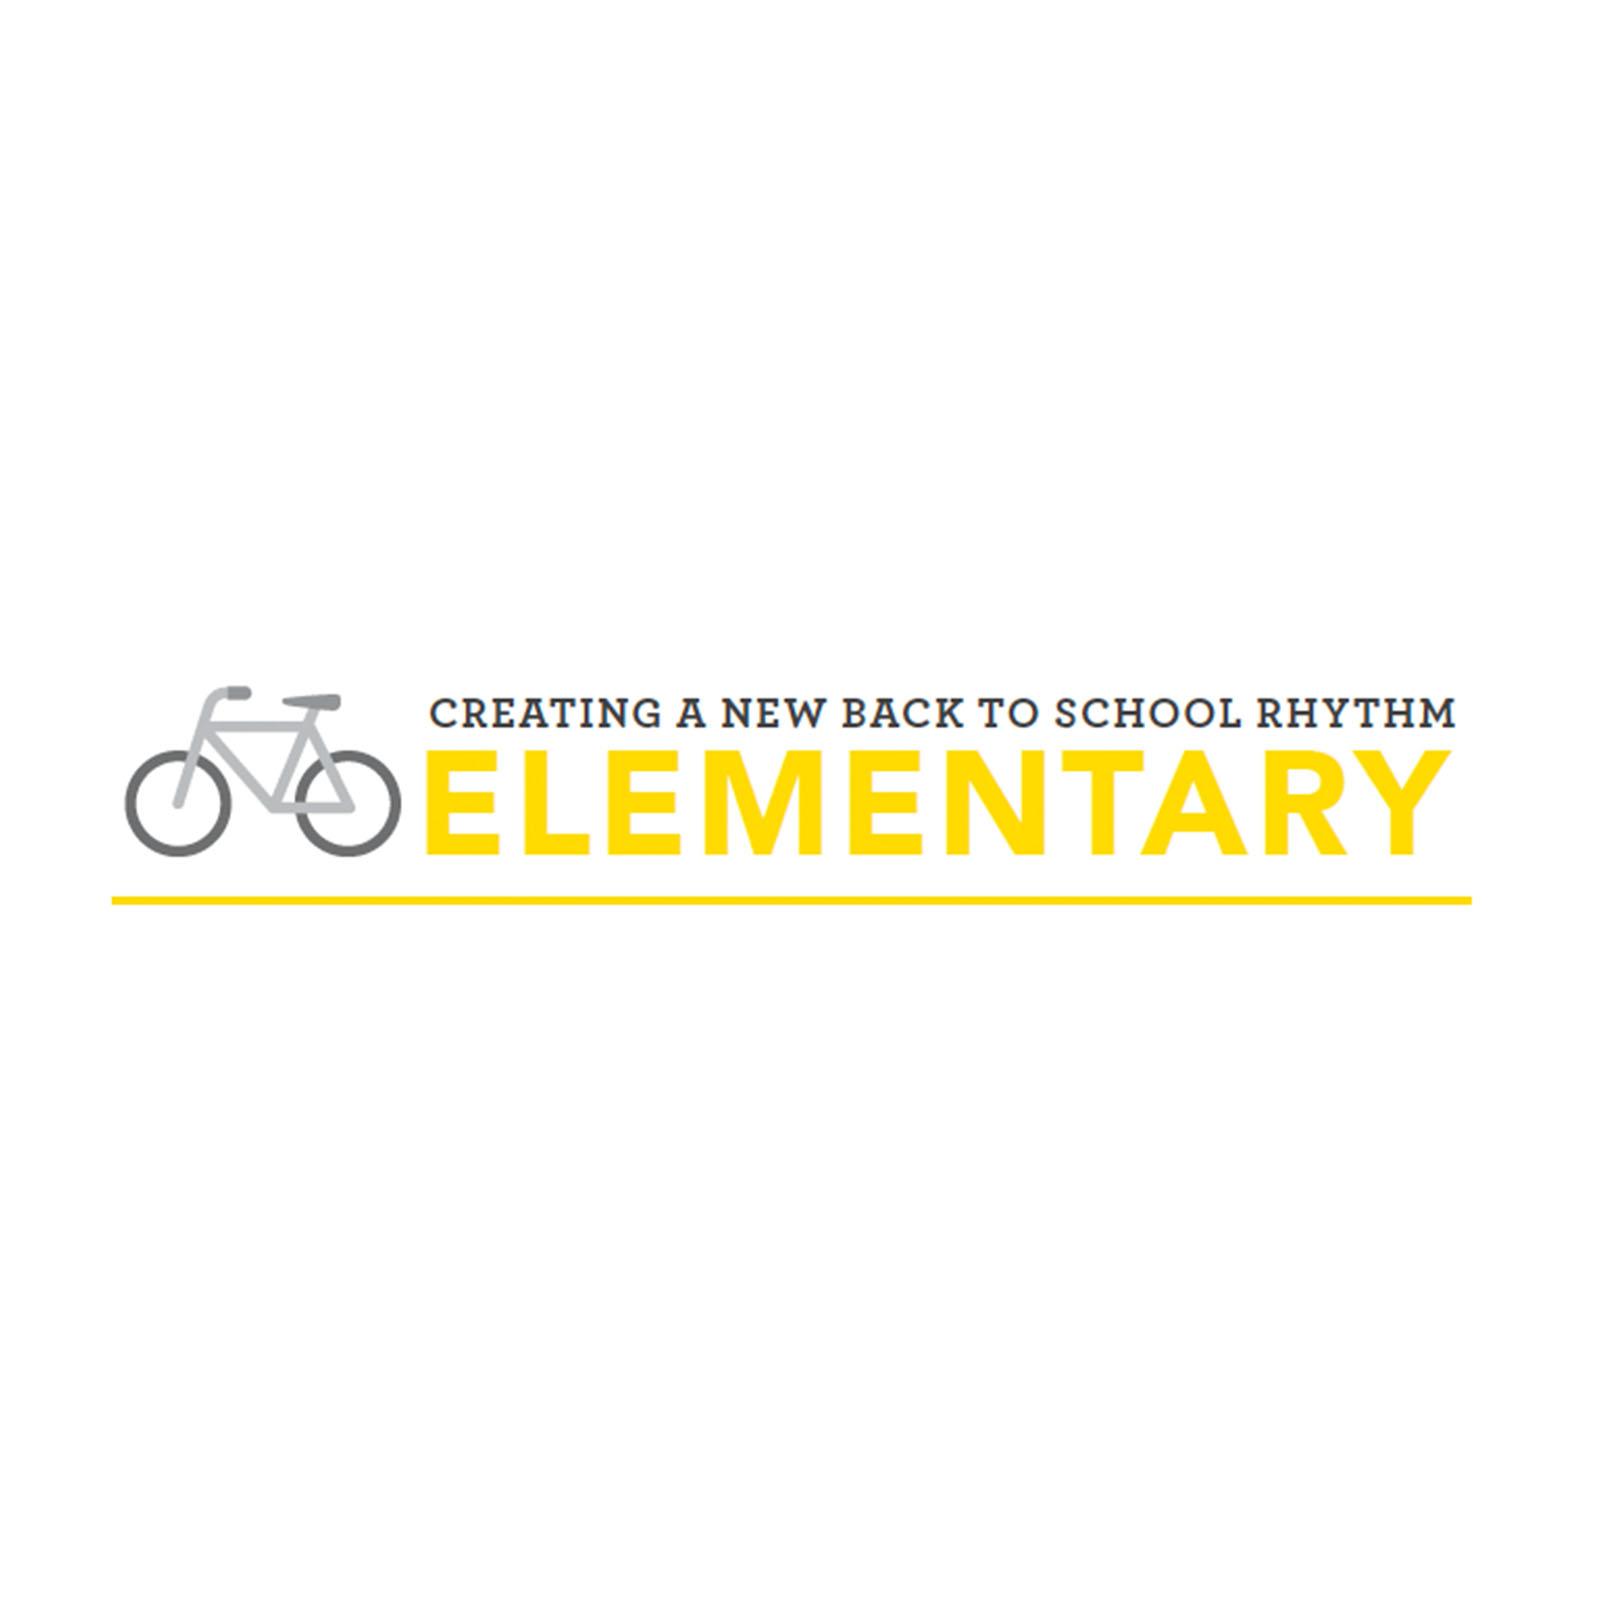 Elementary Rhythm